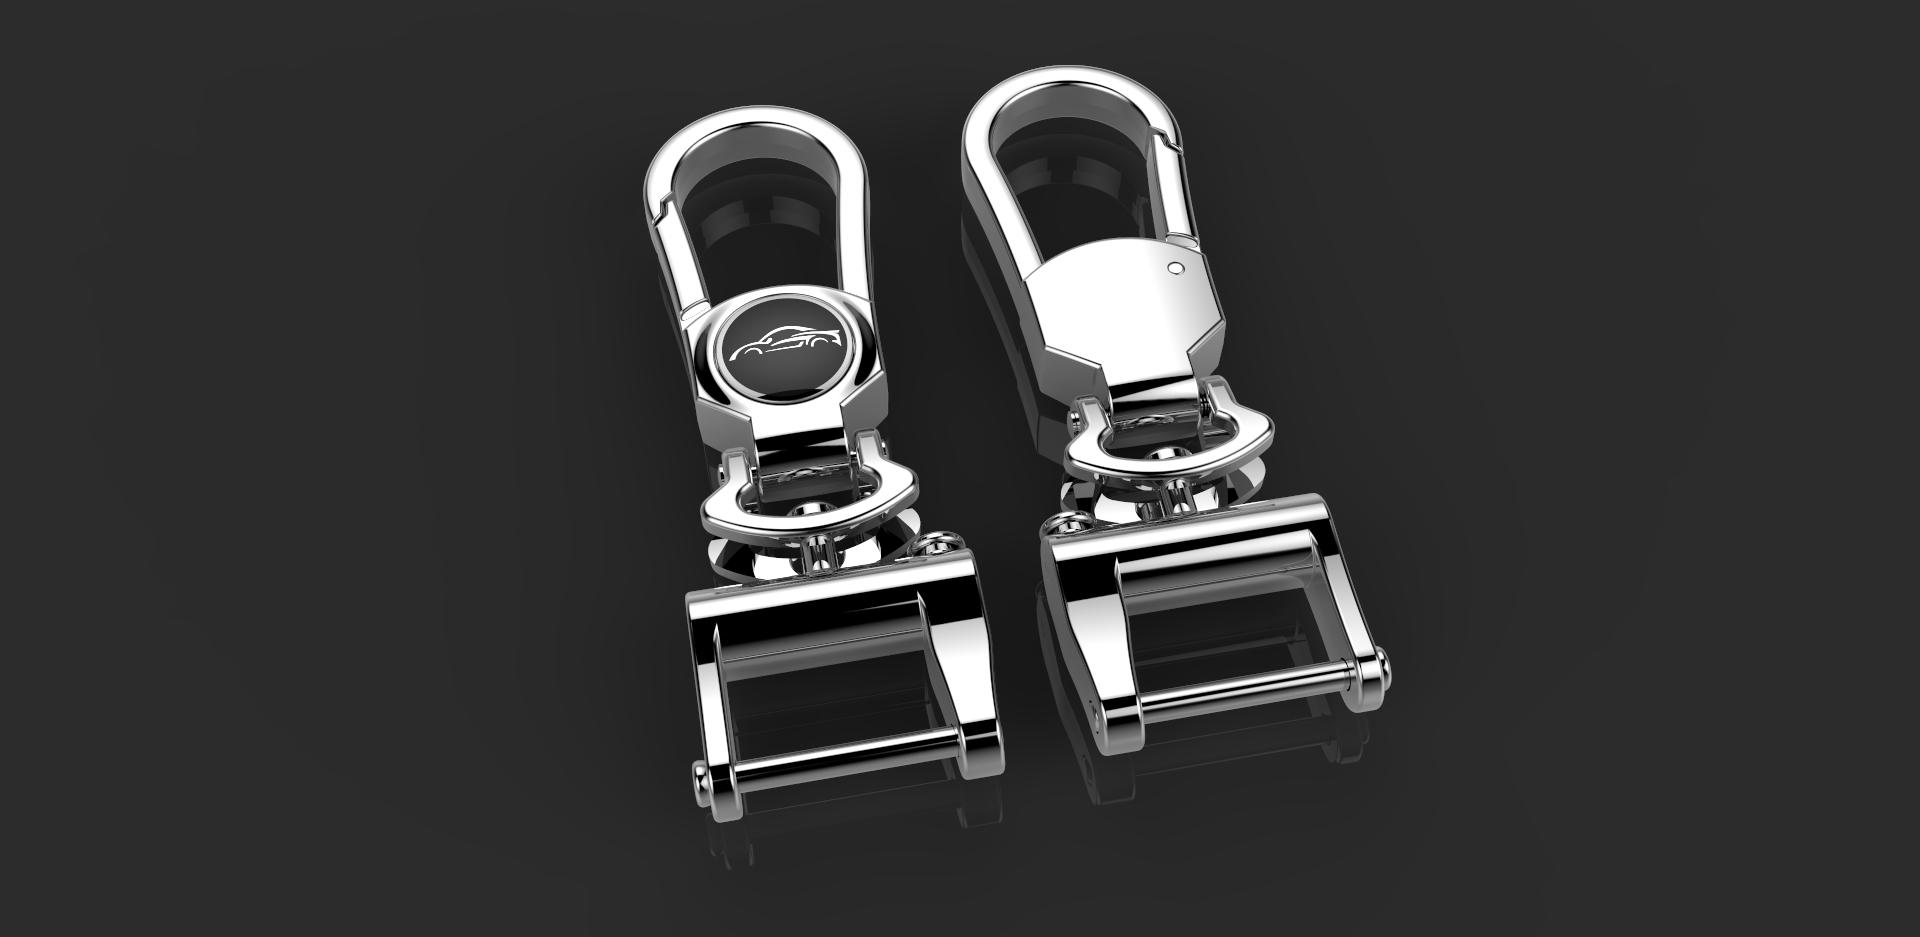 广东厂价直供金属金属创意车标钥匙扣-金属创意车标钥匙扣厂家直销定制批发价品质保证